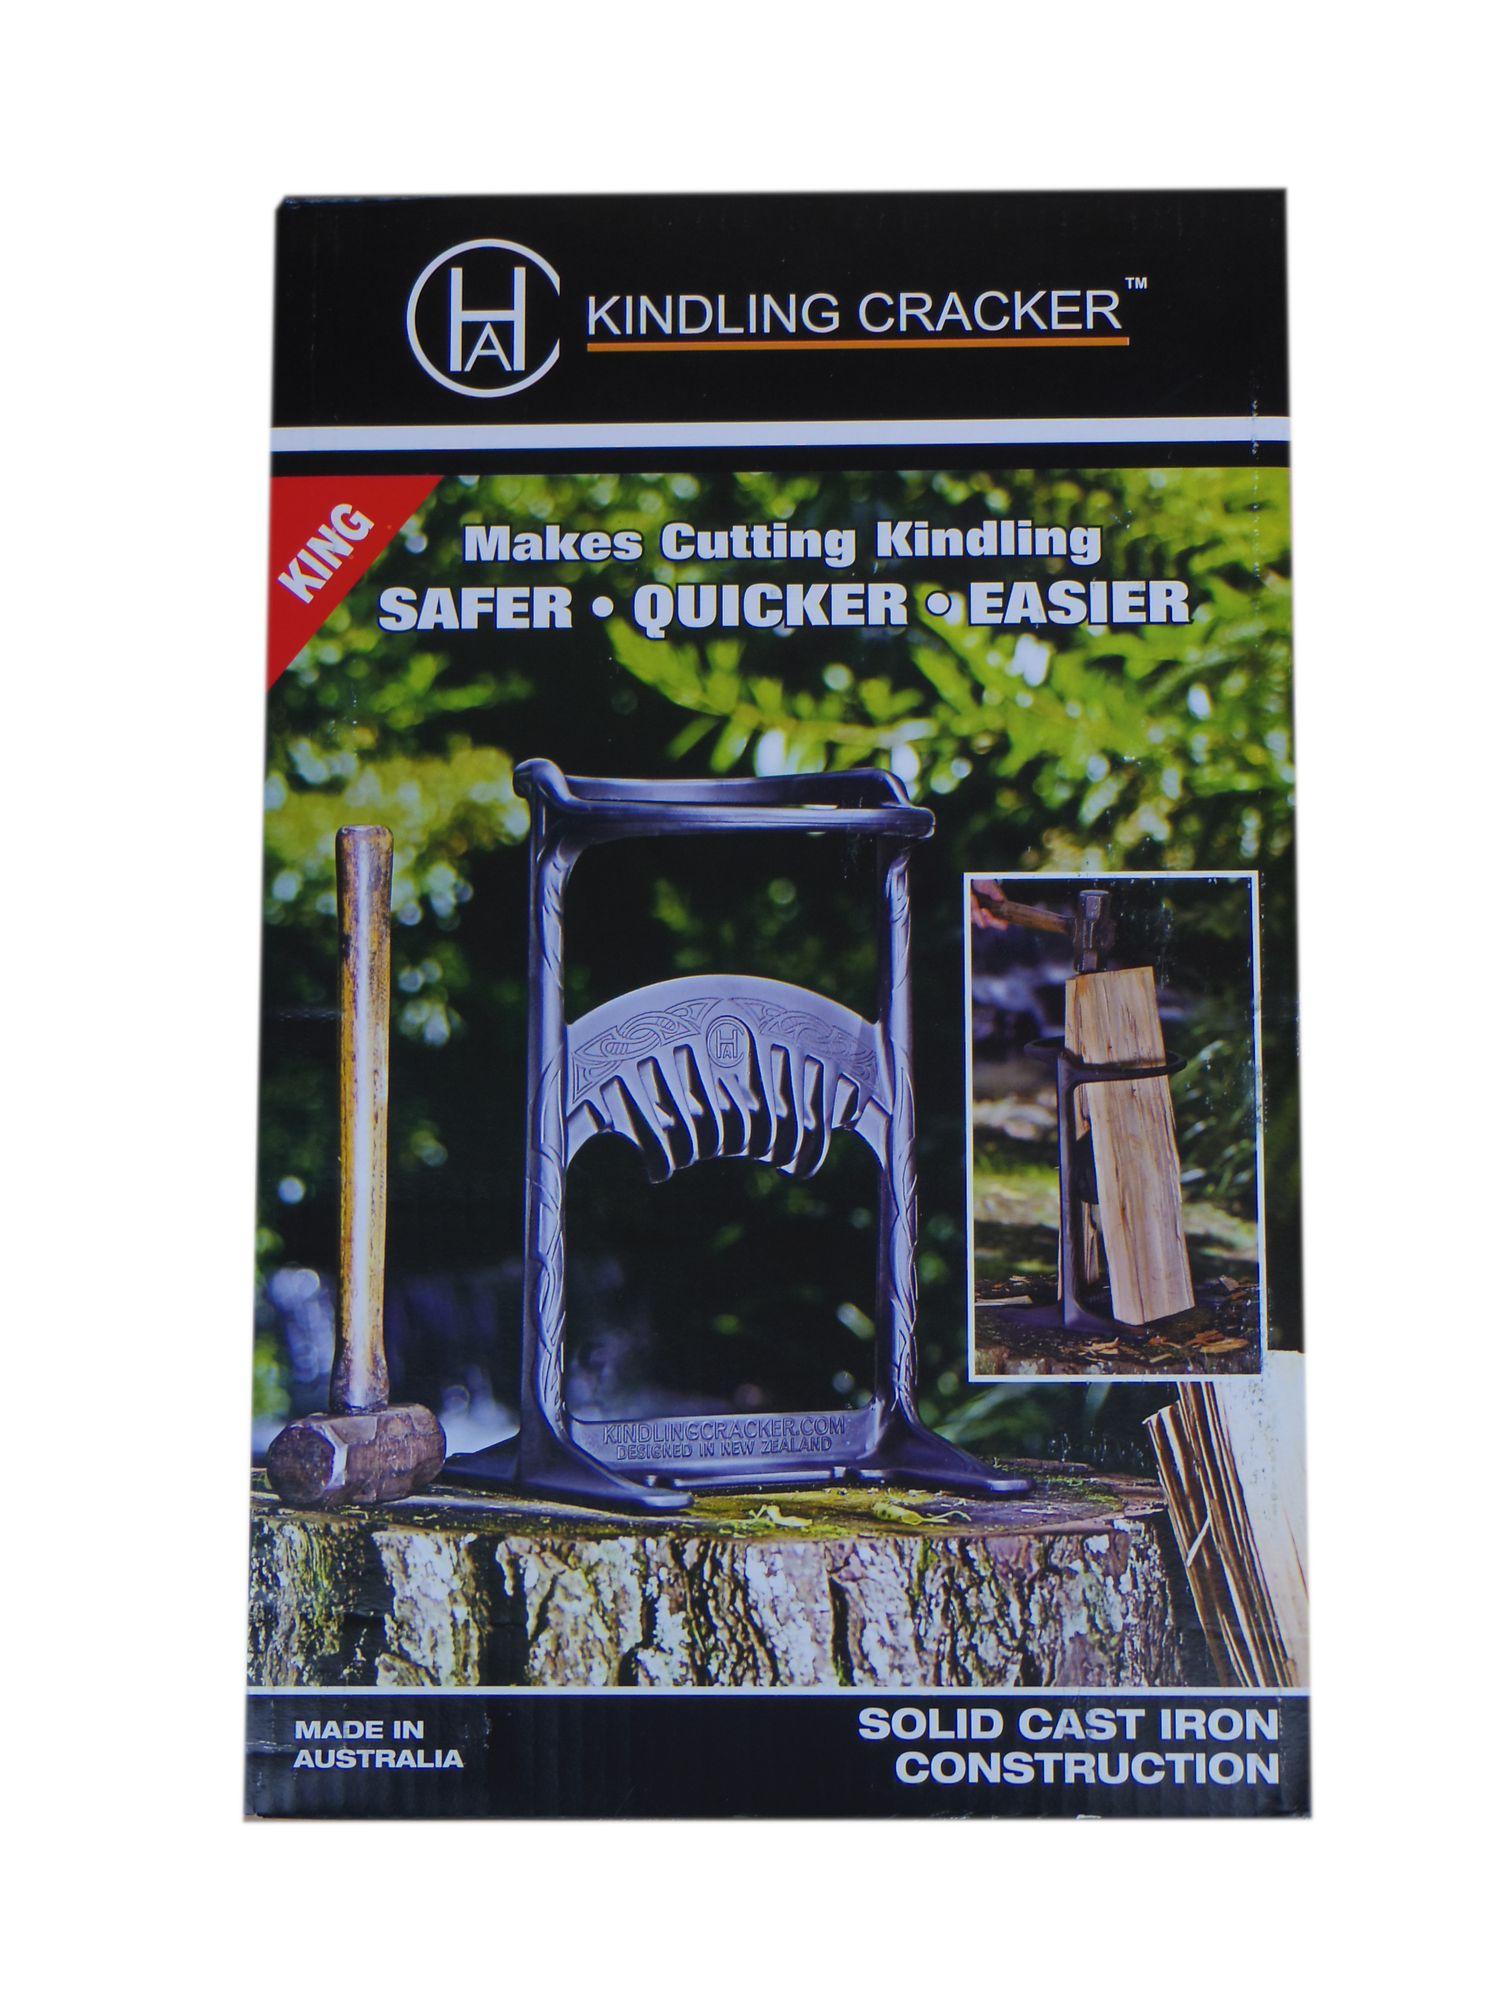 Holzspalter Kindling Cracker King Höhe 43 cm für Kaminholz Brennholz bis Ø 22 cm